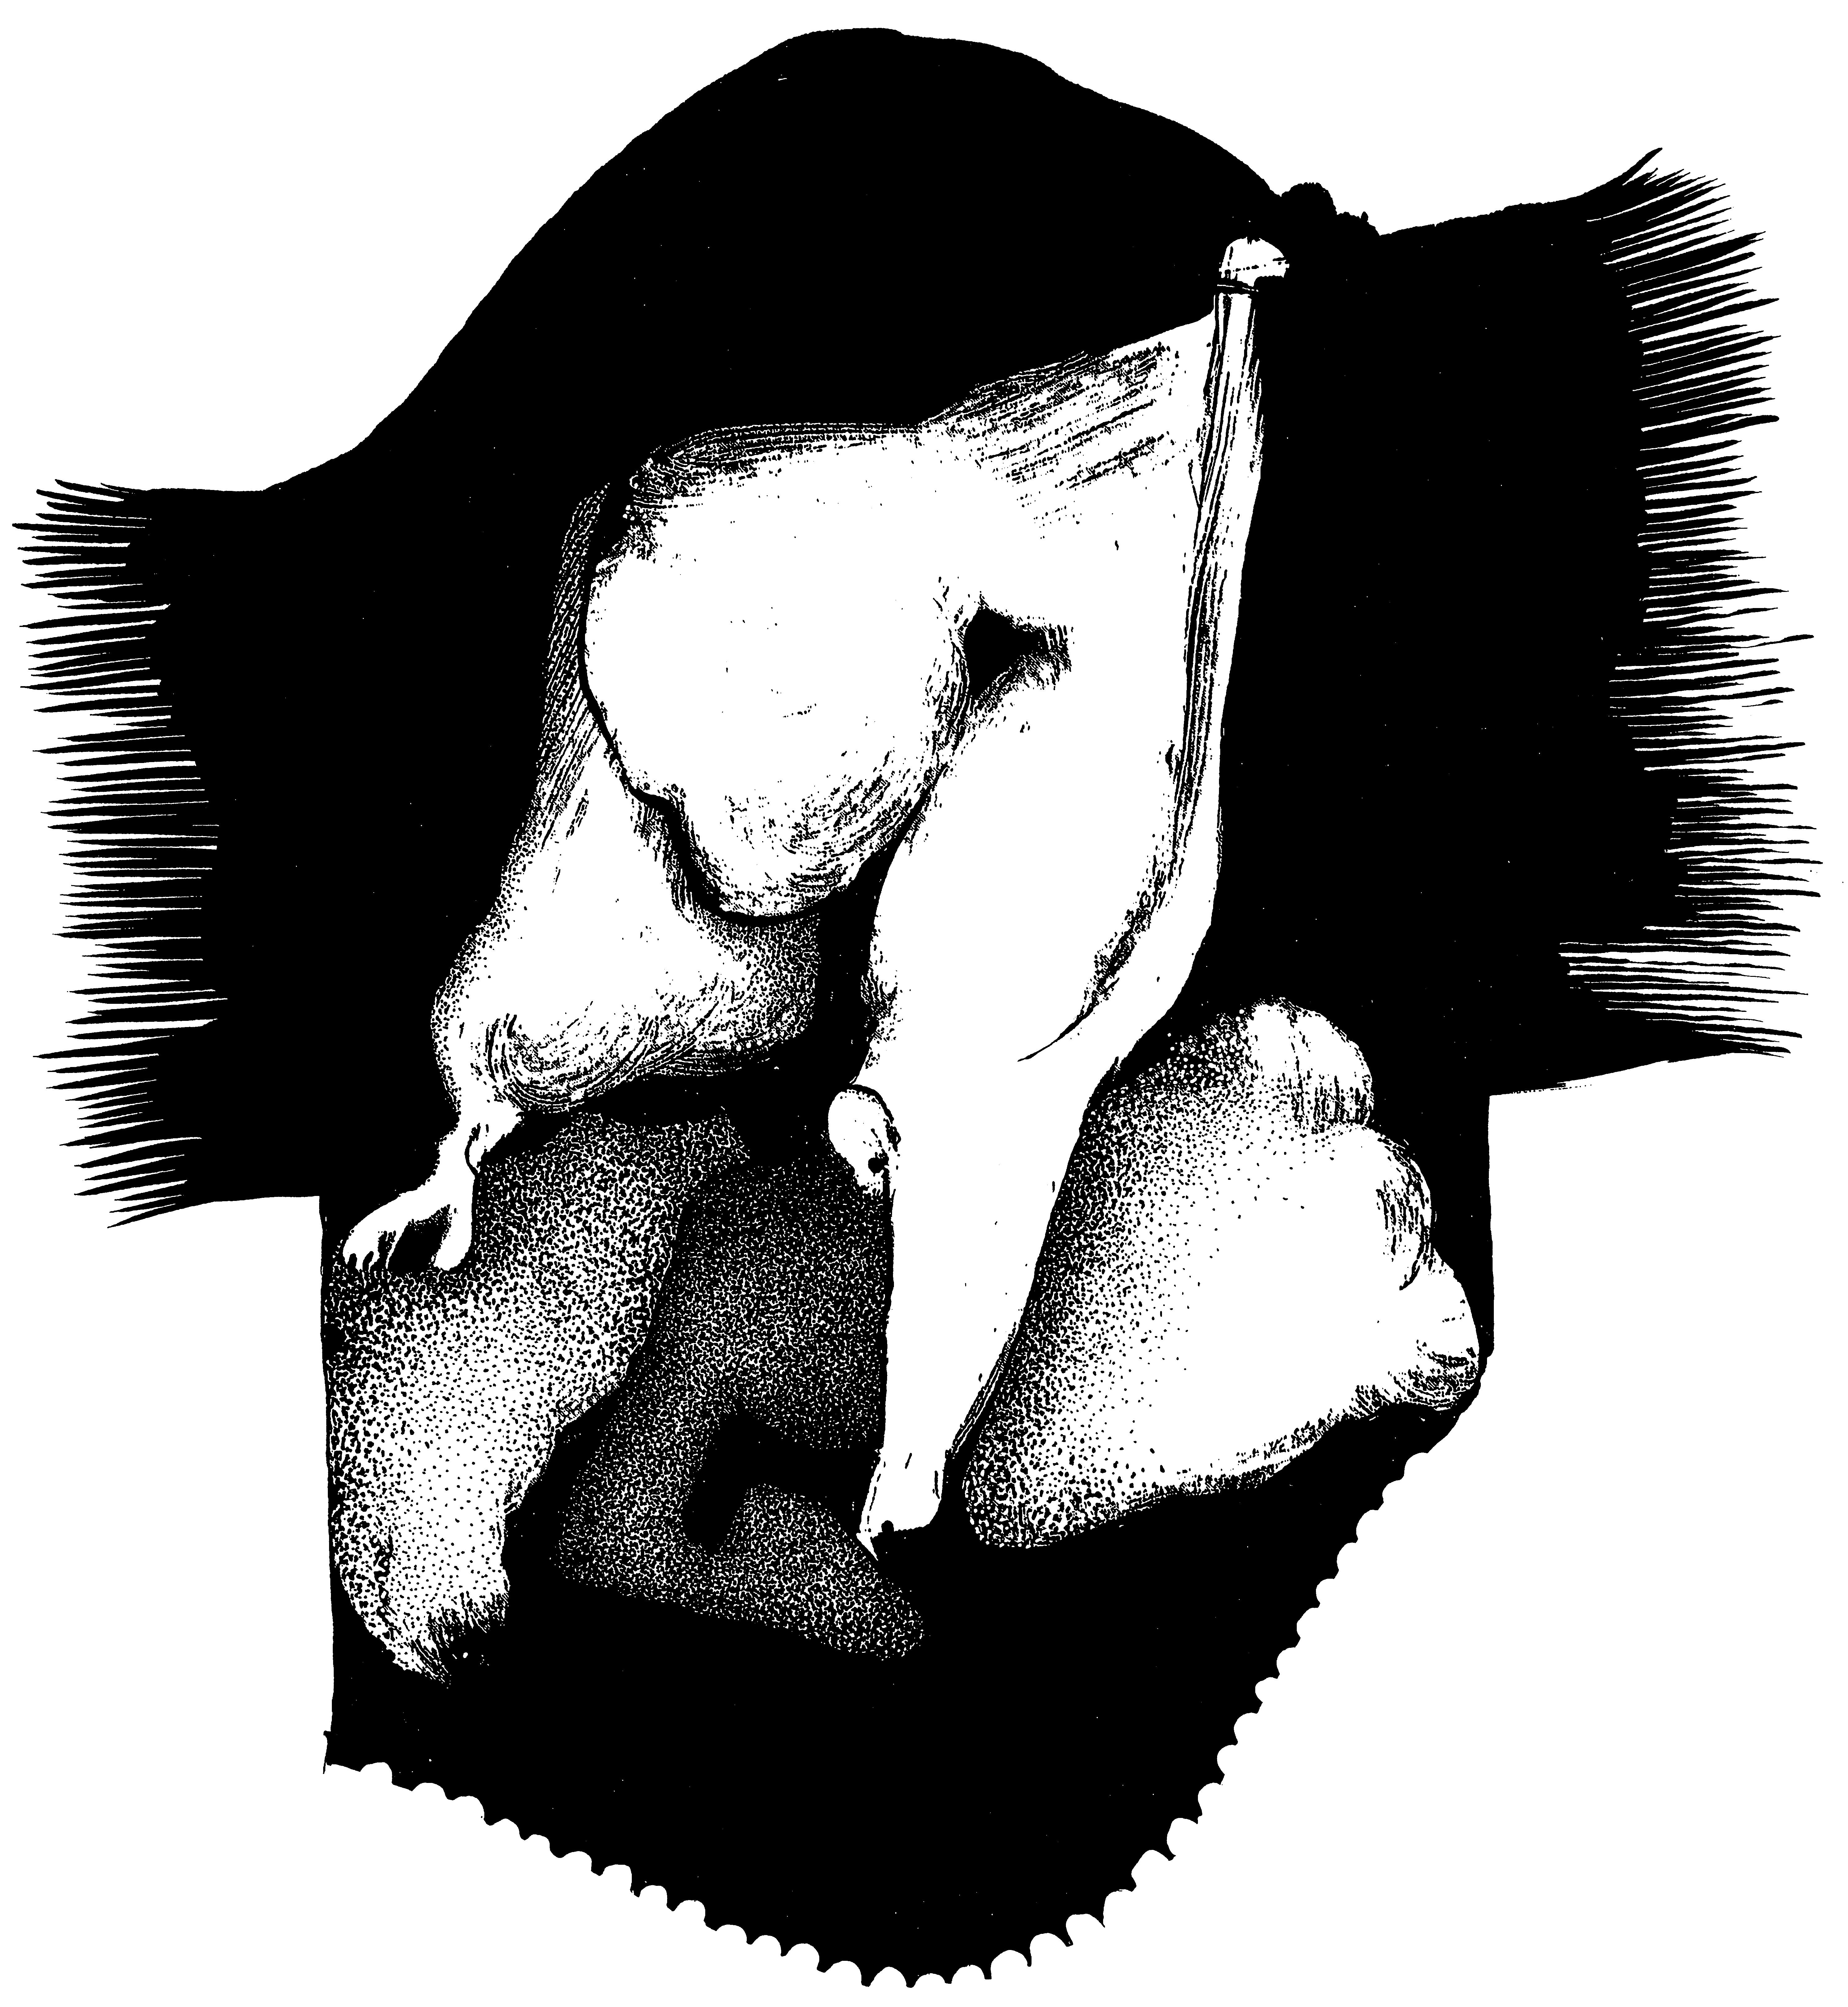 sénéca012